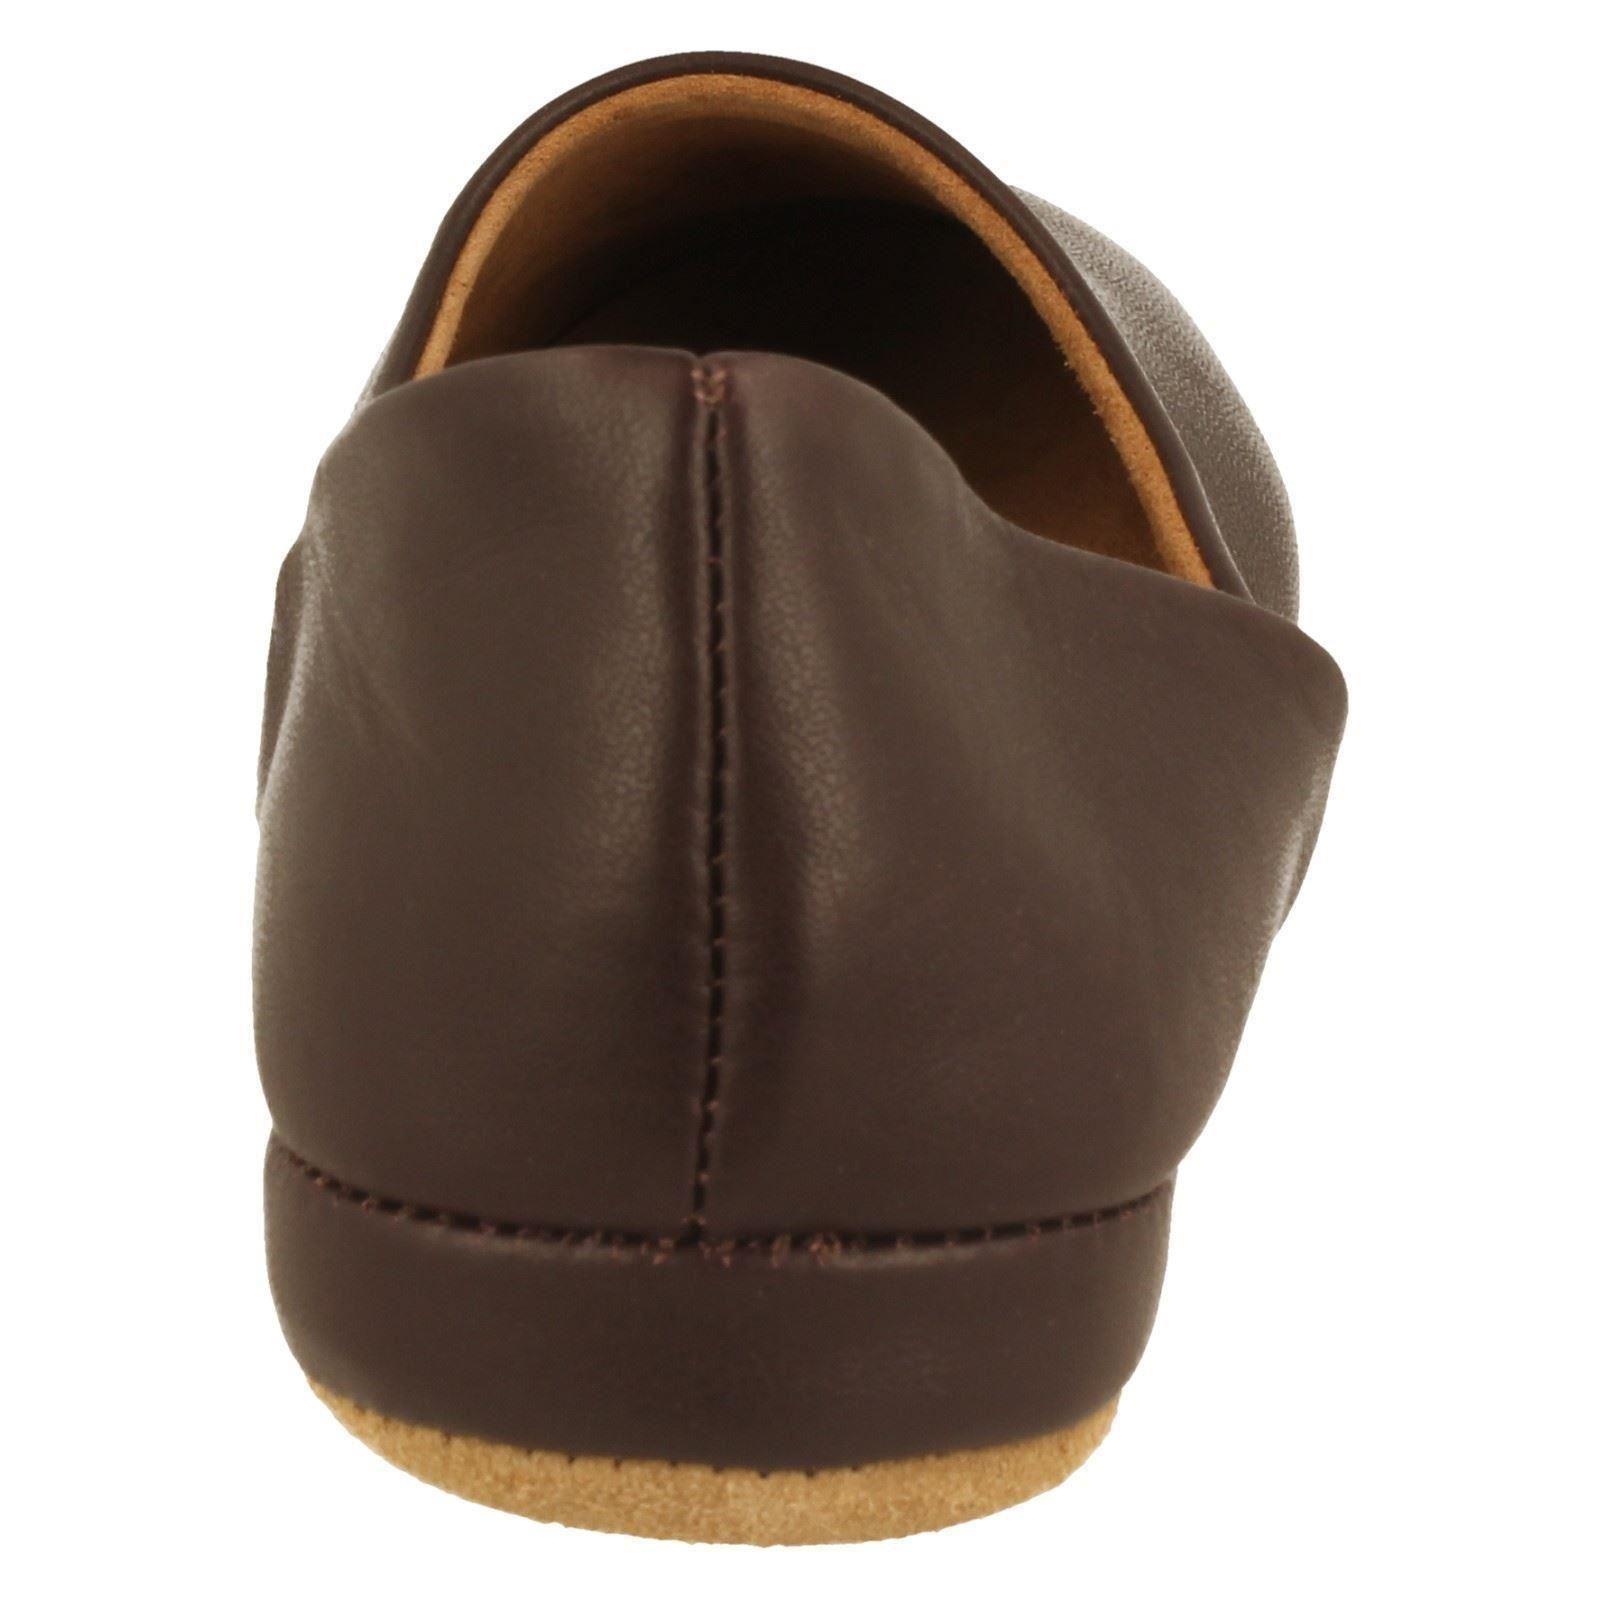 Mens Draper Soft Leather Soft Draper Soled Slippers Charles-W c73a3b